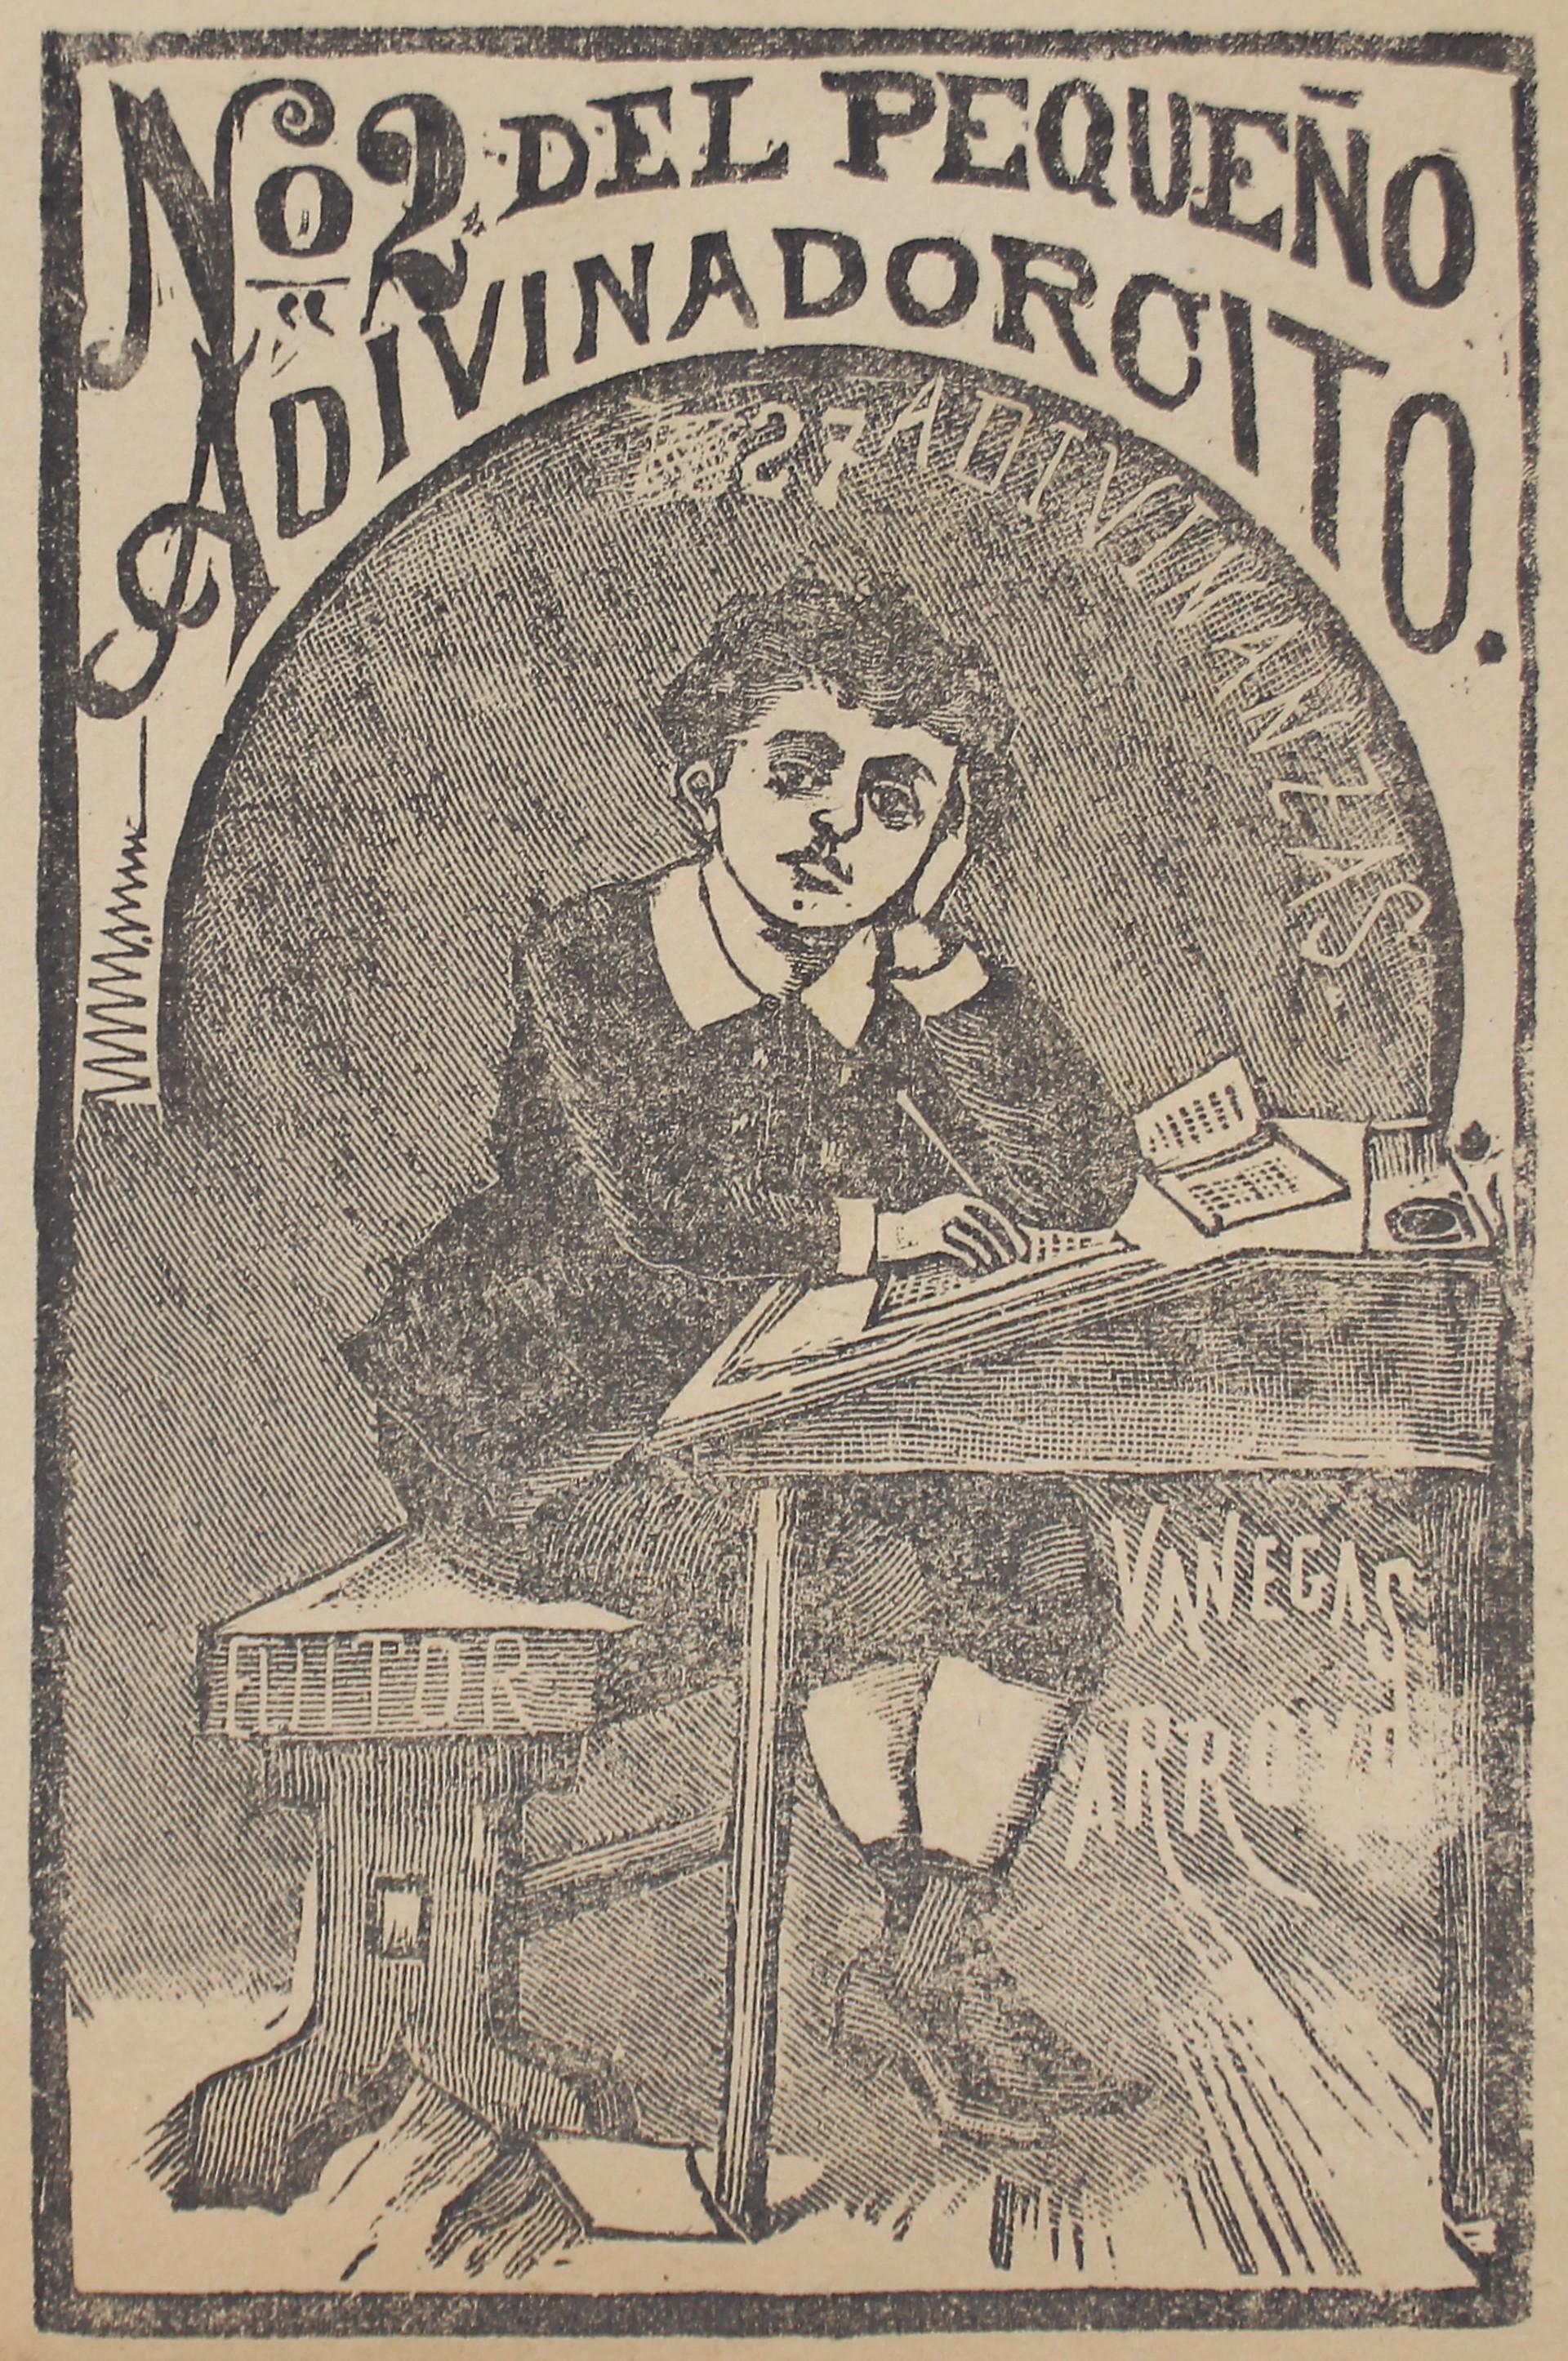 Del Pequeno Adivinadorcitio, No. 2 by José Guadalupe Posada (1852 - 1913)